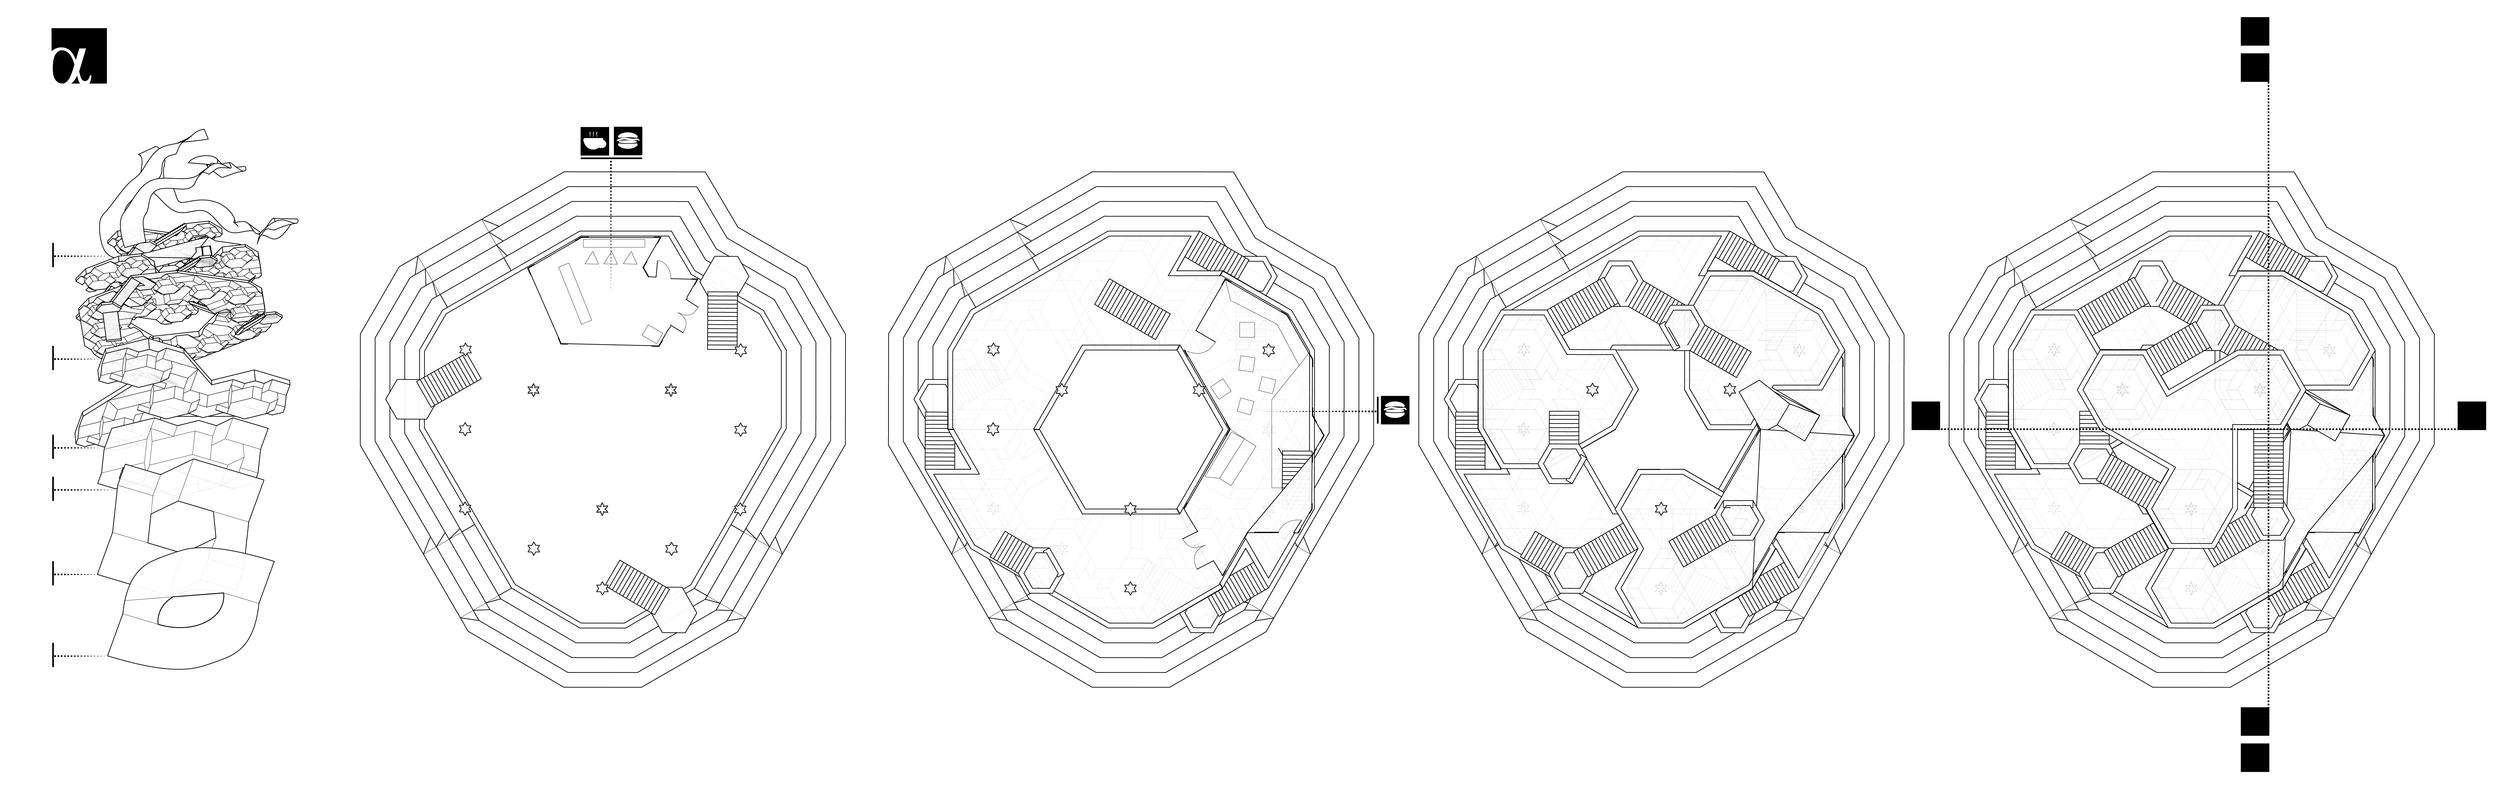 Structural Evolution + Plans